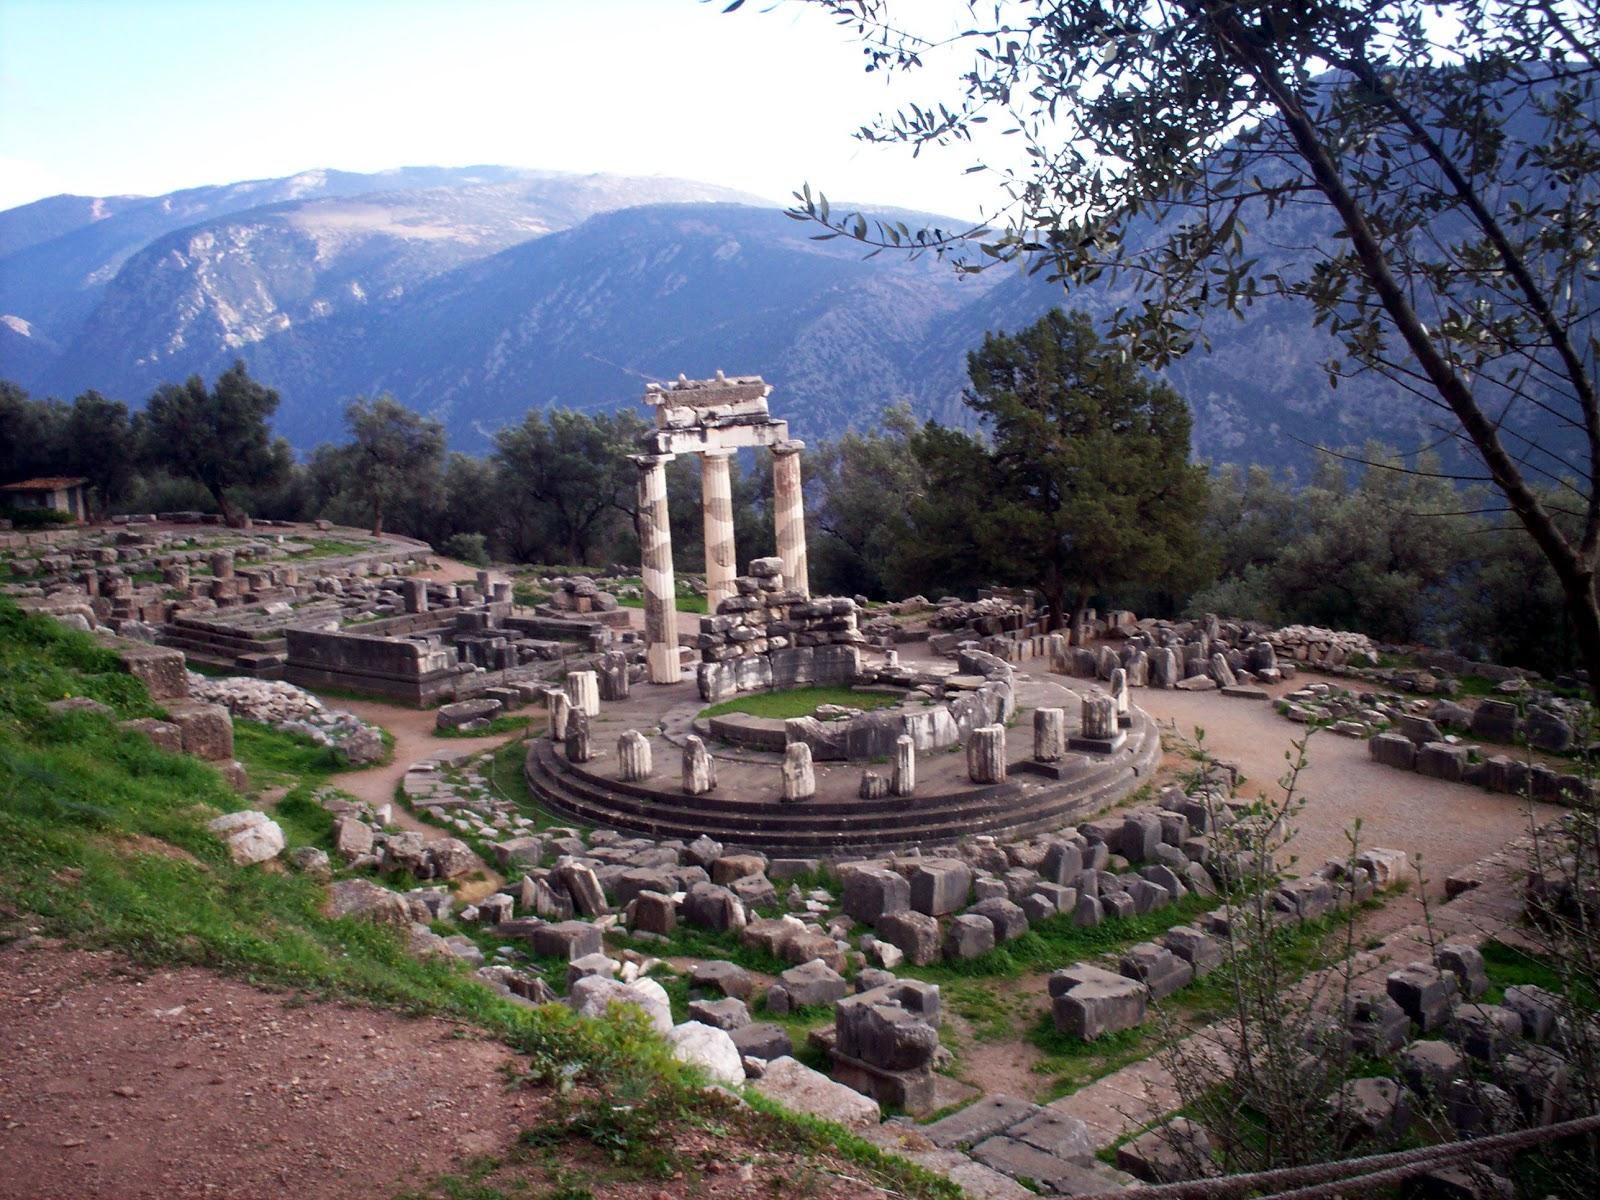 http://1.bp.blogspot.com/-MEPes6gZbbw/TbAYAmBI2YI/AAAAAAAAAcc/y86ha6ko85M/s1600/Delphi.jpg